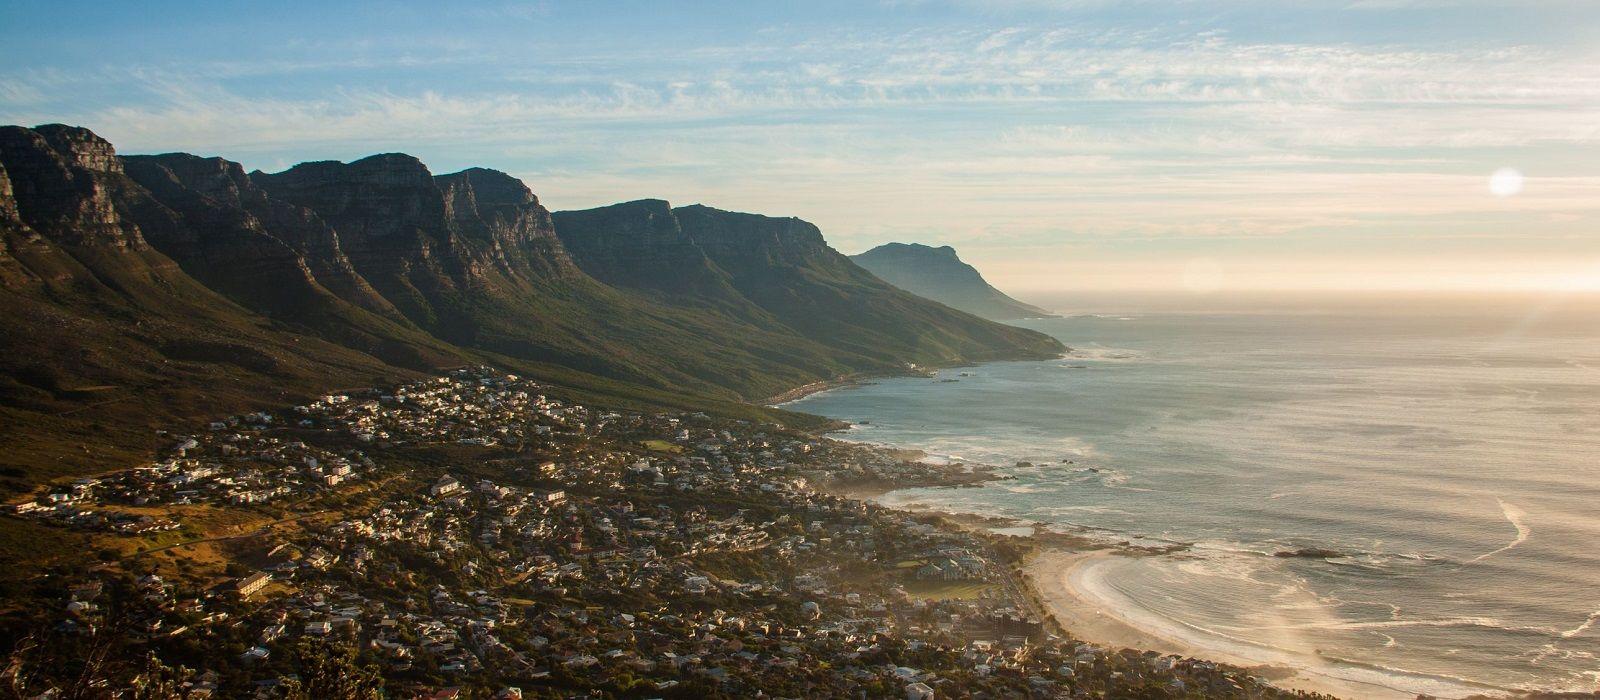 Selbstfahrer-Reise zu Südafrikas West Kap Urlaub 2